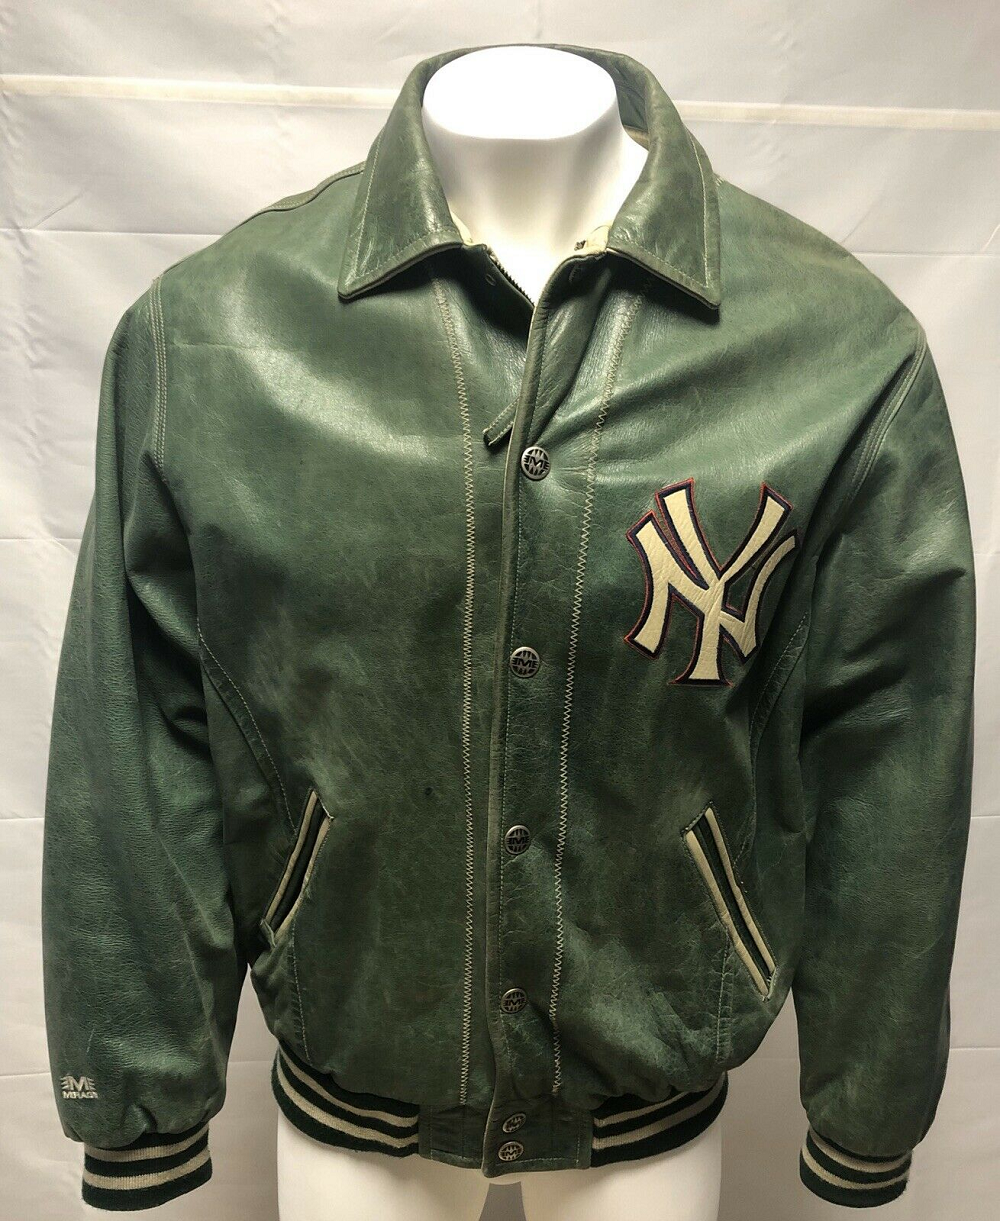 Newyork Yankees Leather Jacket Jackets Jacket Sale Leather Jacket [ 1221 x 1000 Pixel ]